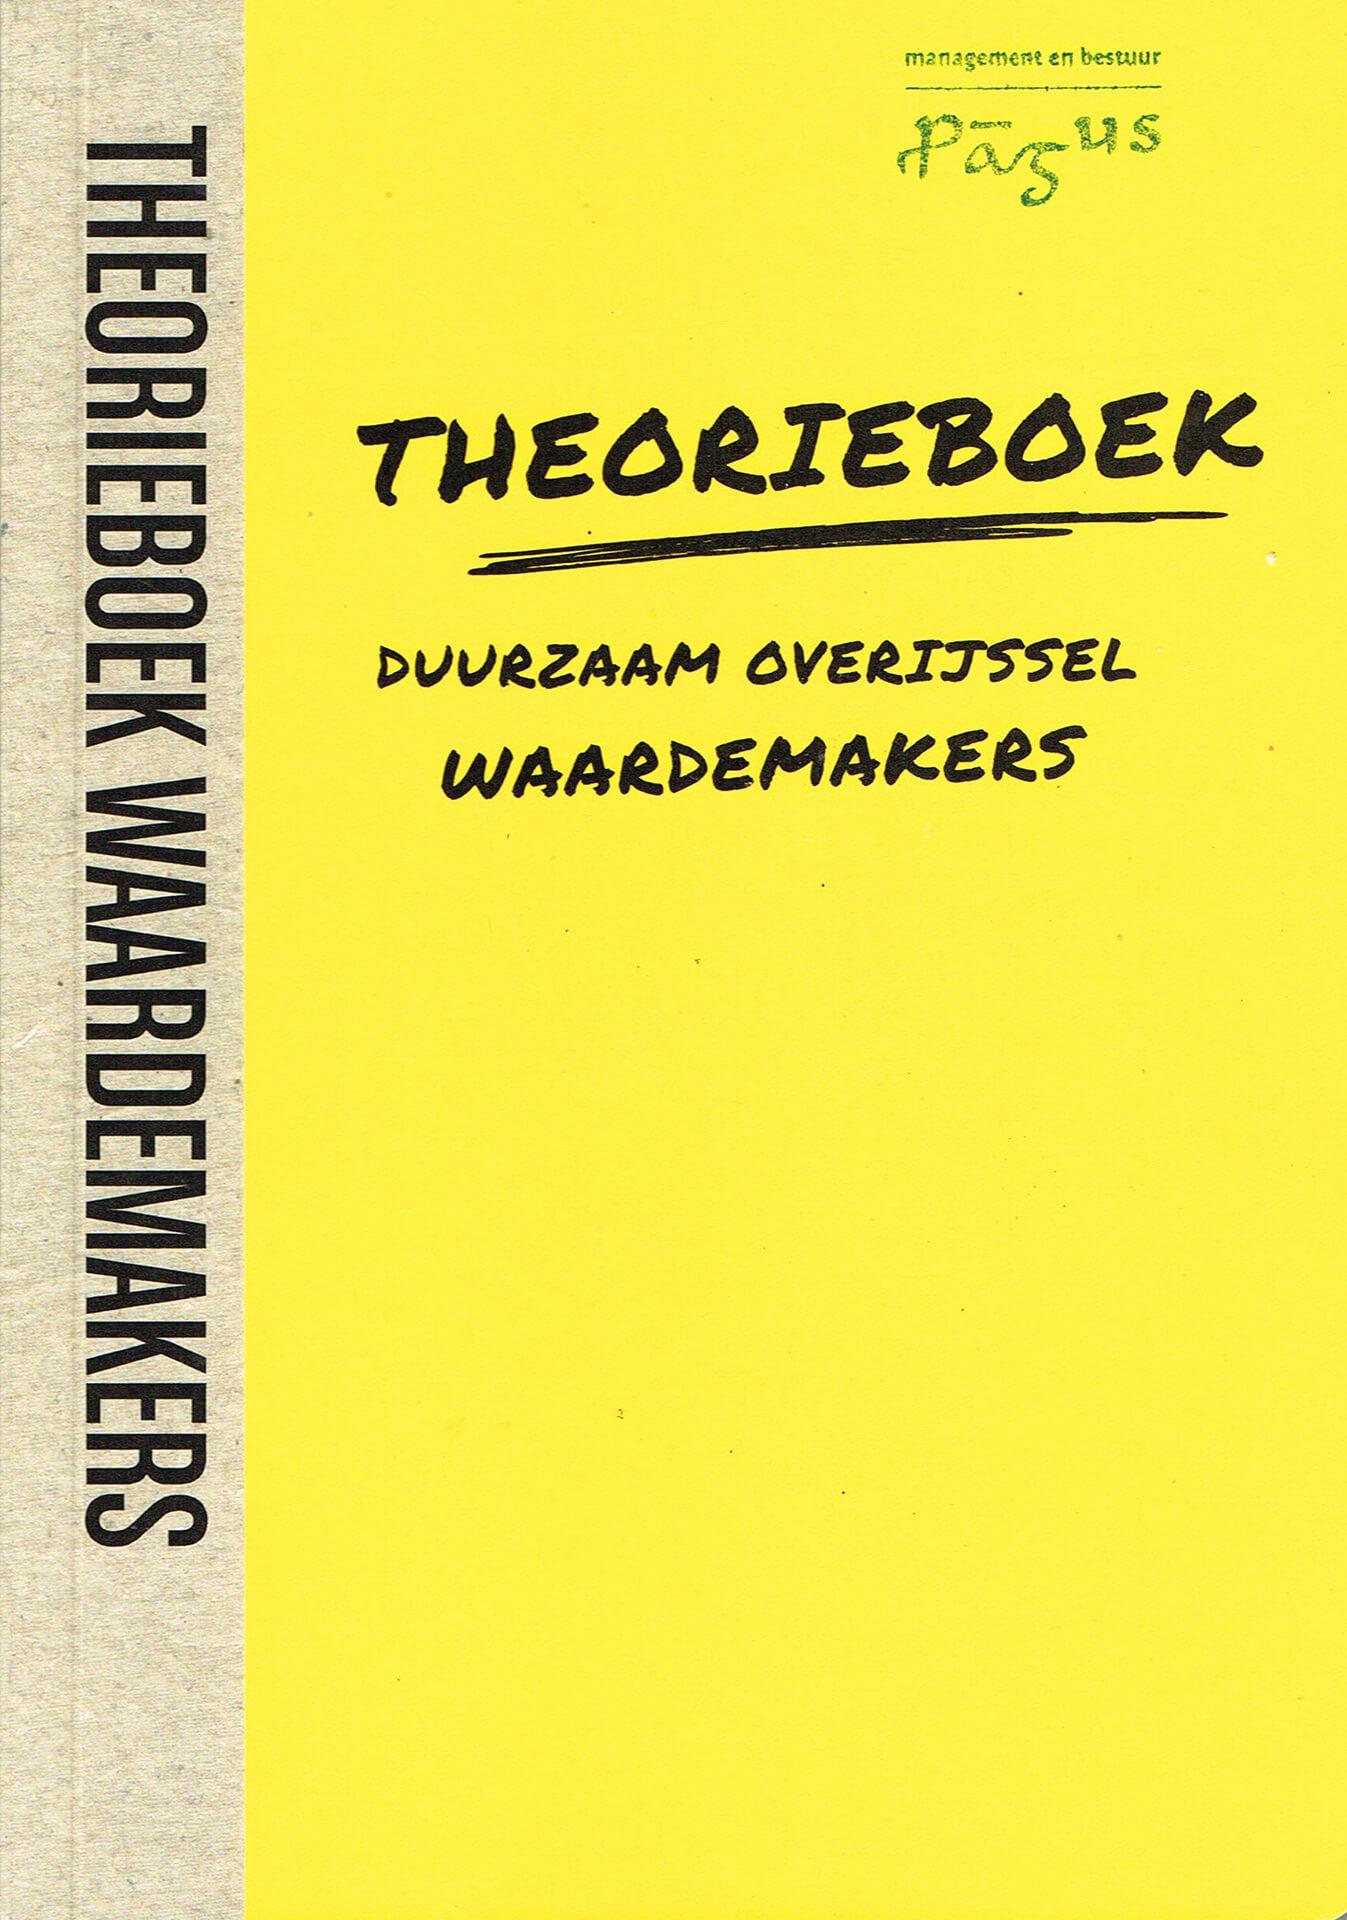 Theorieboek Waardemakers